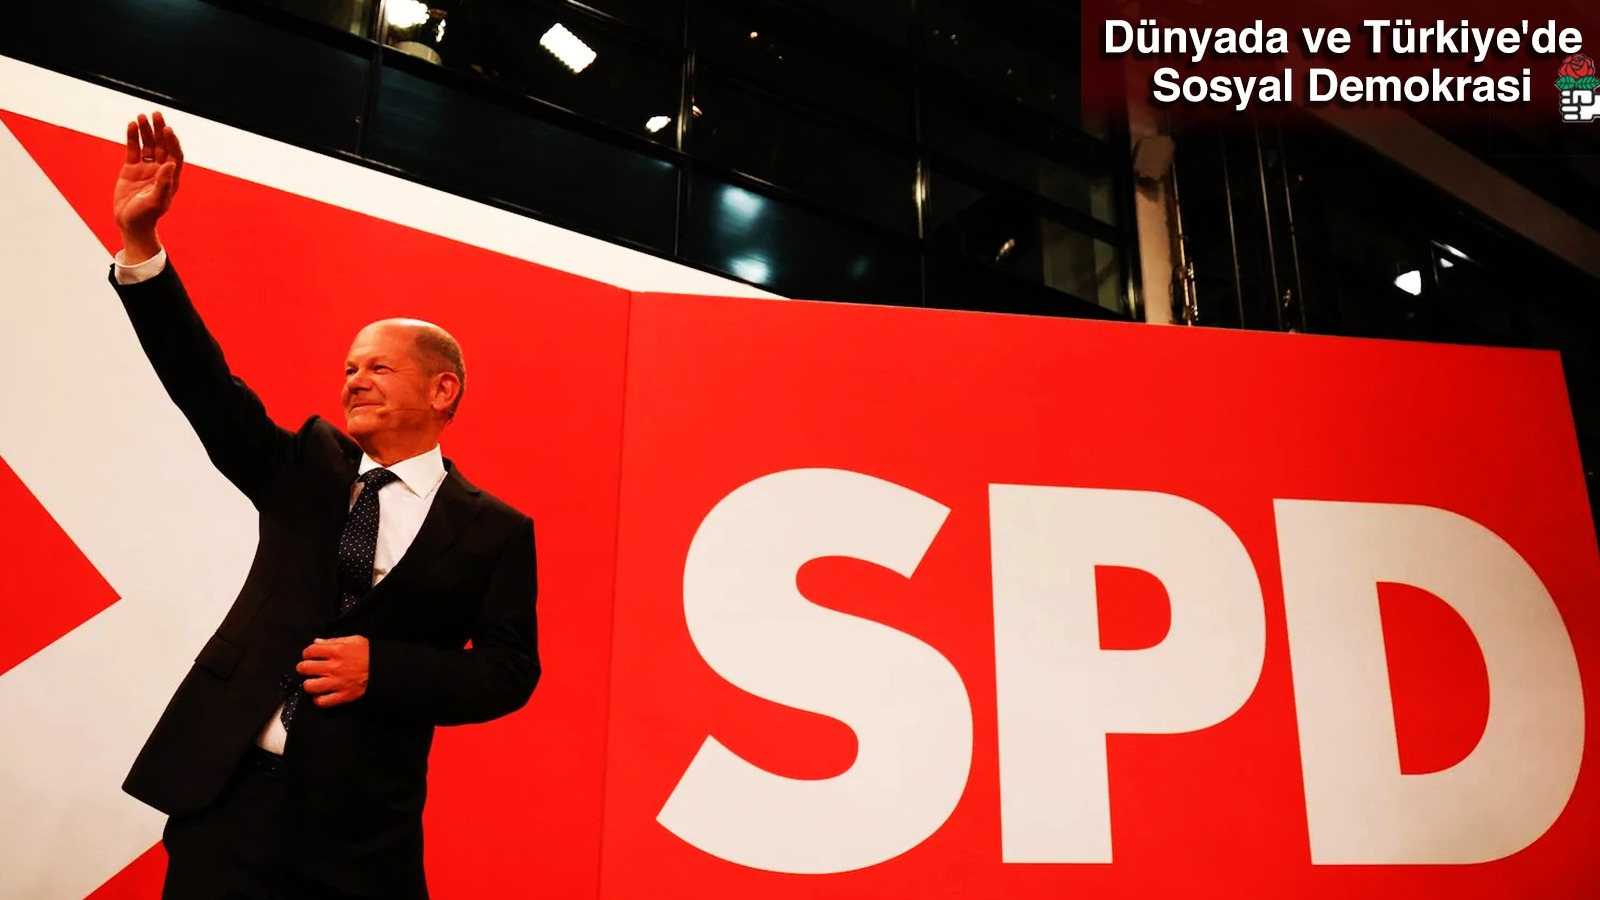 Prof. Dr. Sencer Ayata anlatıyor: Almanya seçimleri yeni bir sol dalgayı mı haber veriyor?